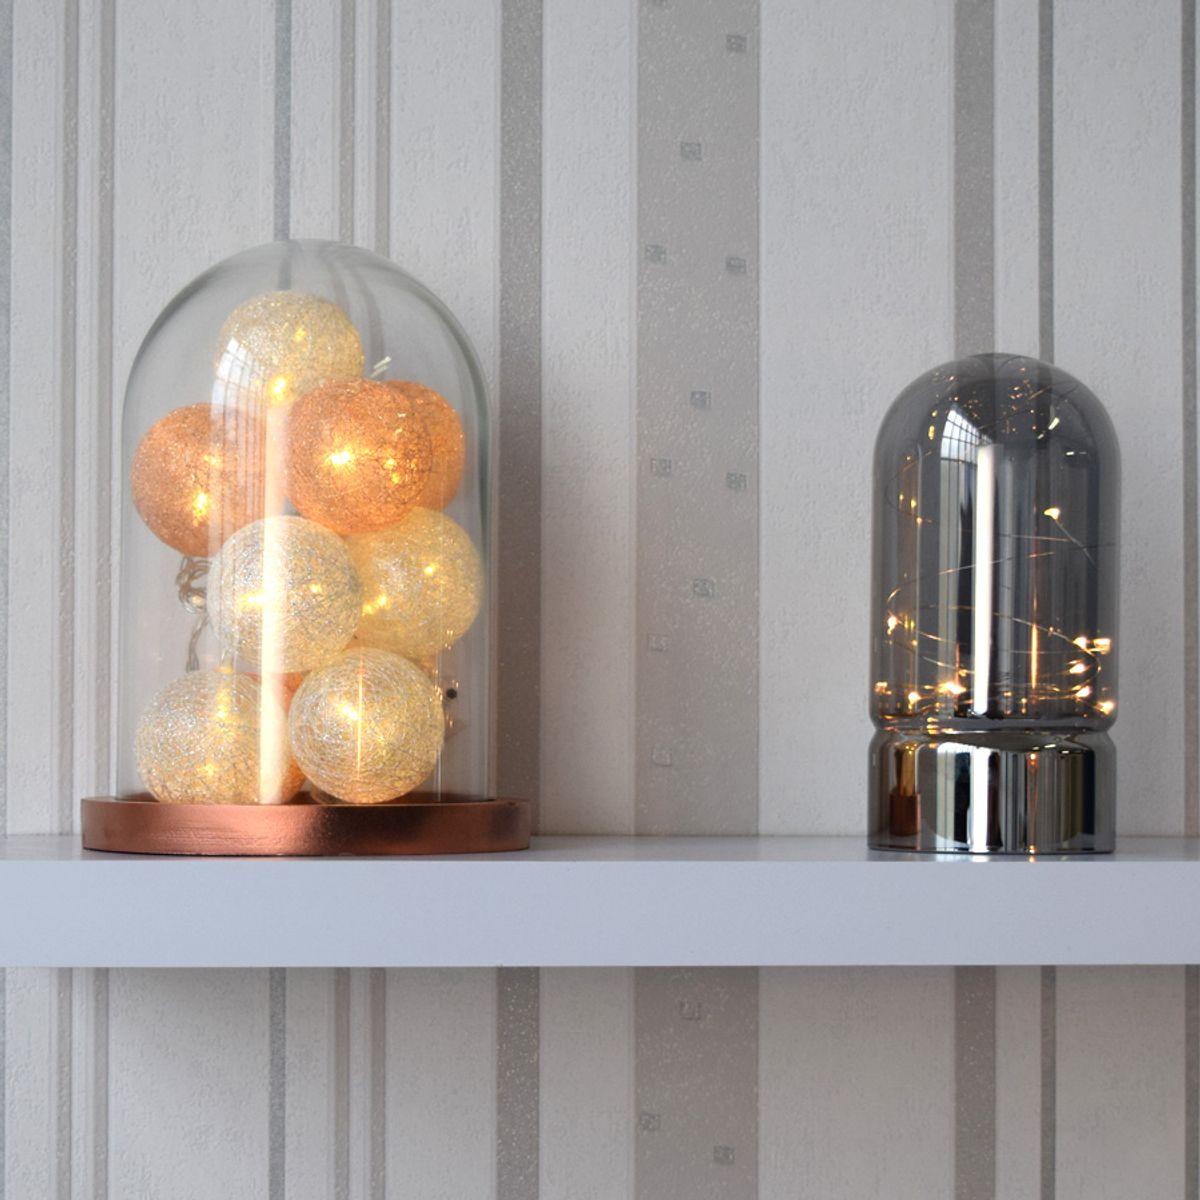 Lampe dôme led argent